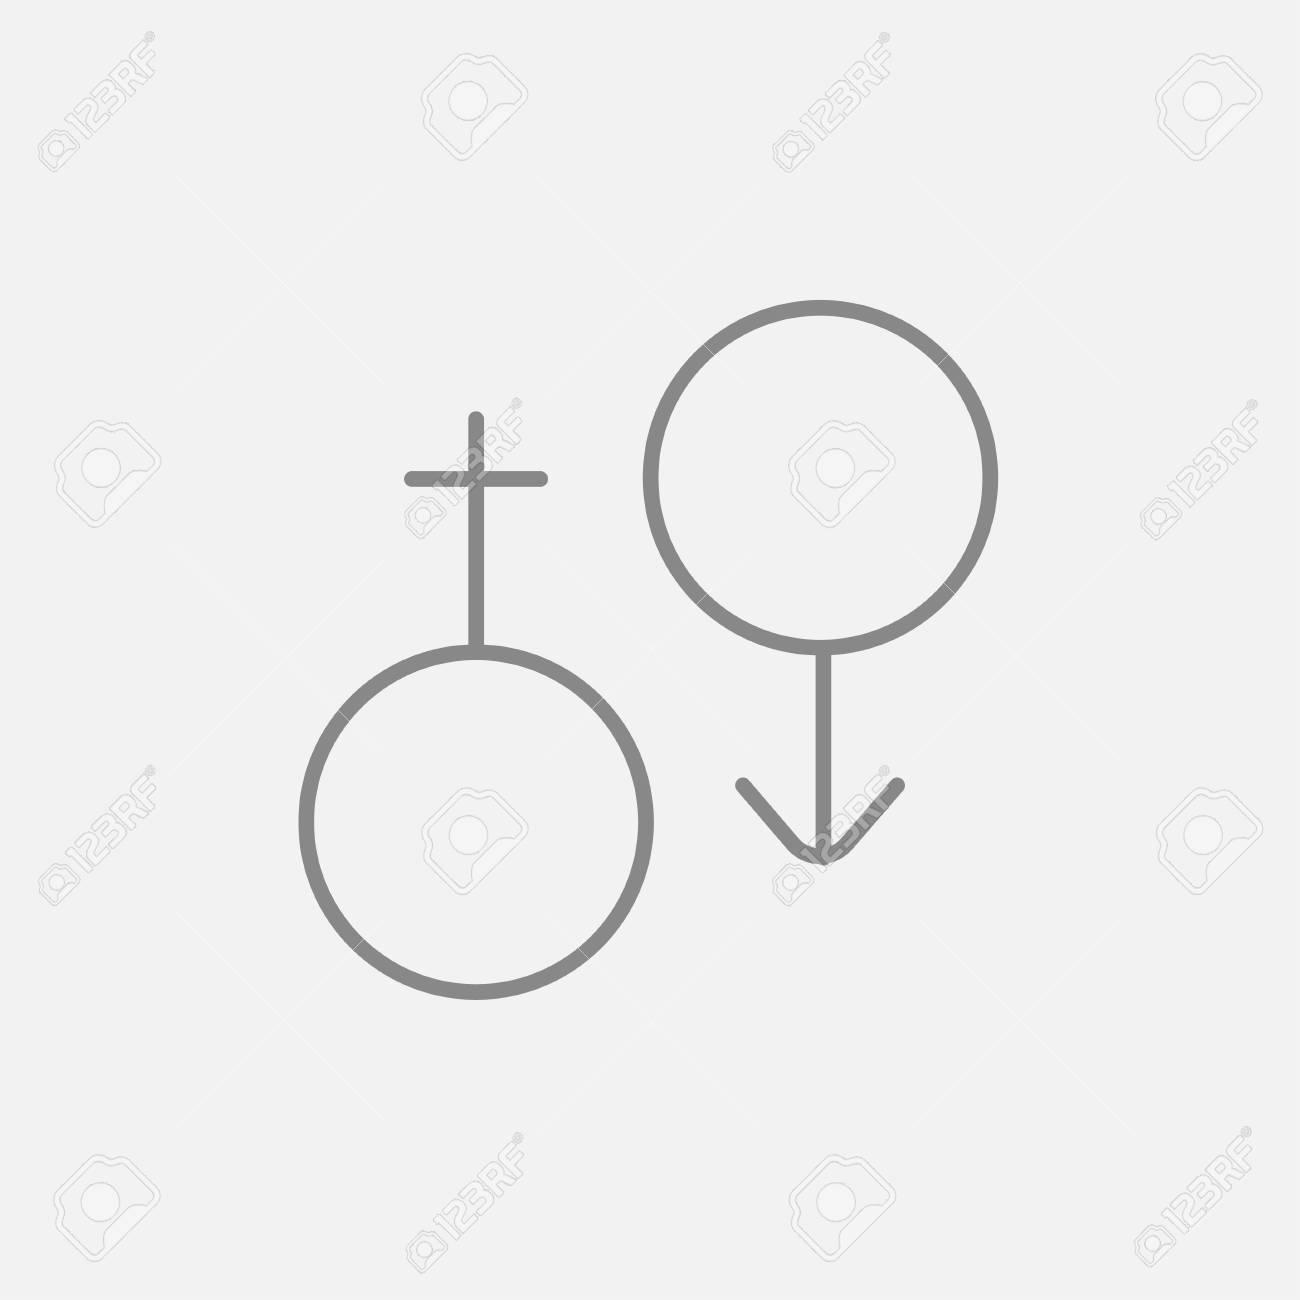 Icono De Línea De Símbolo Masculino Y Femenino Para Web, Móvil E ...